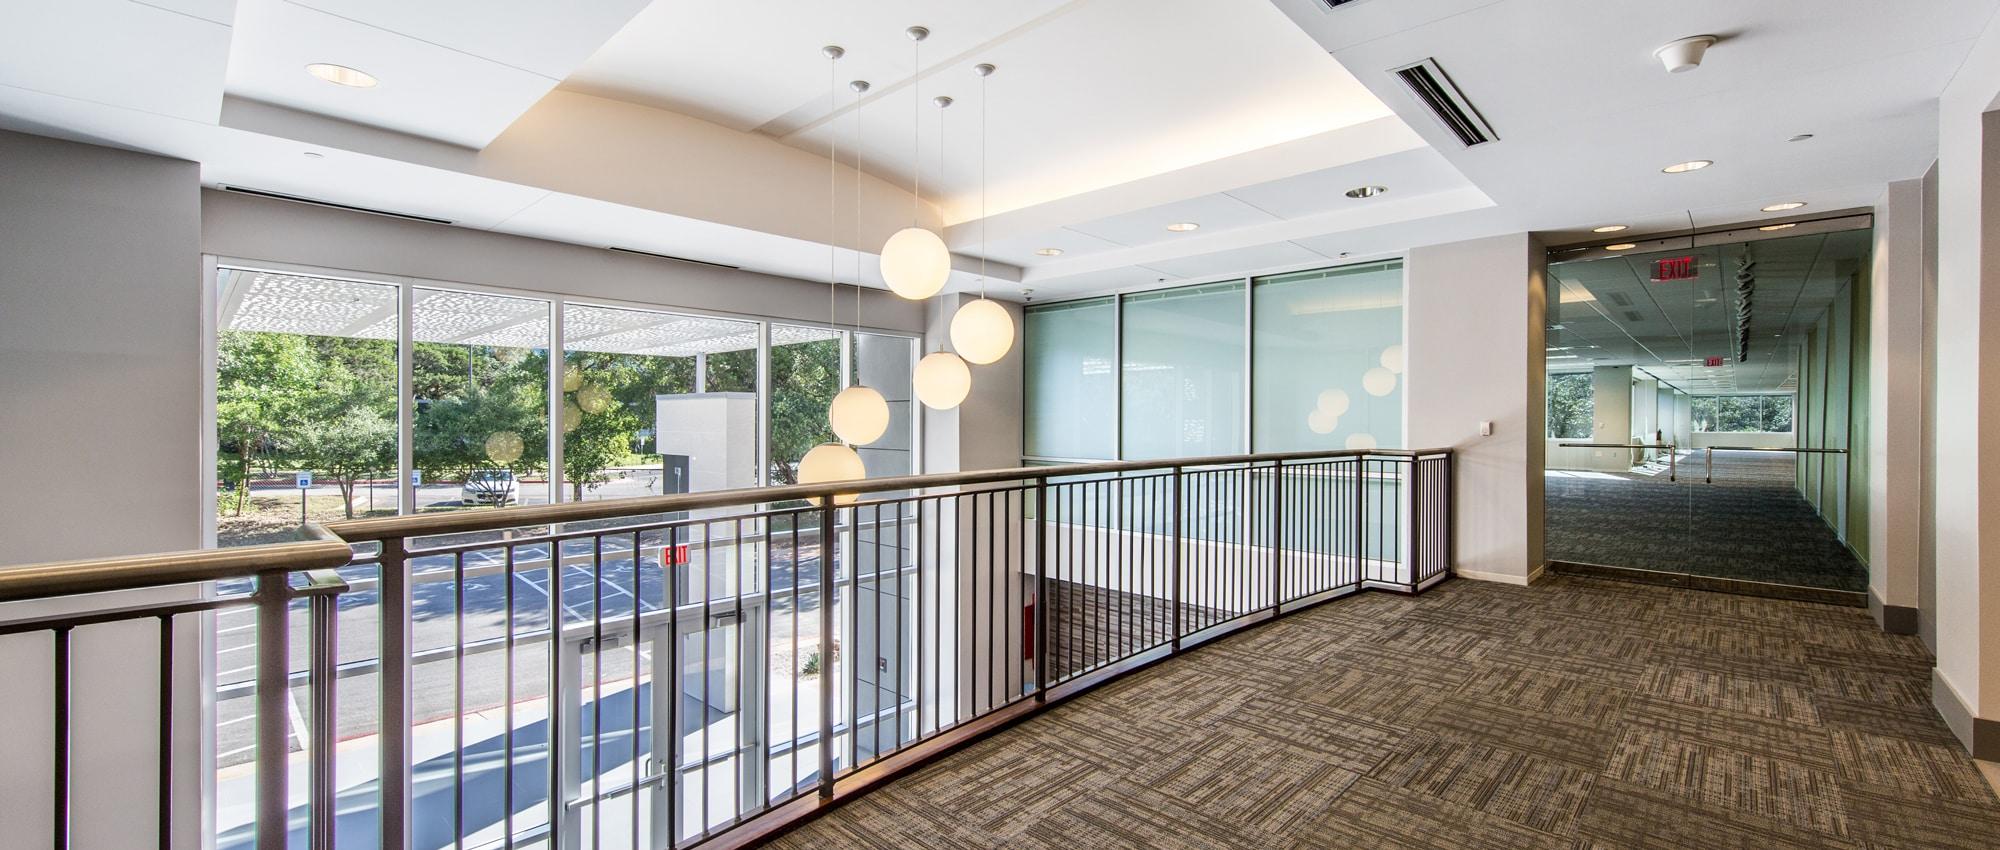 Lakewood Center Austin Texas